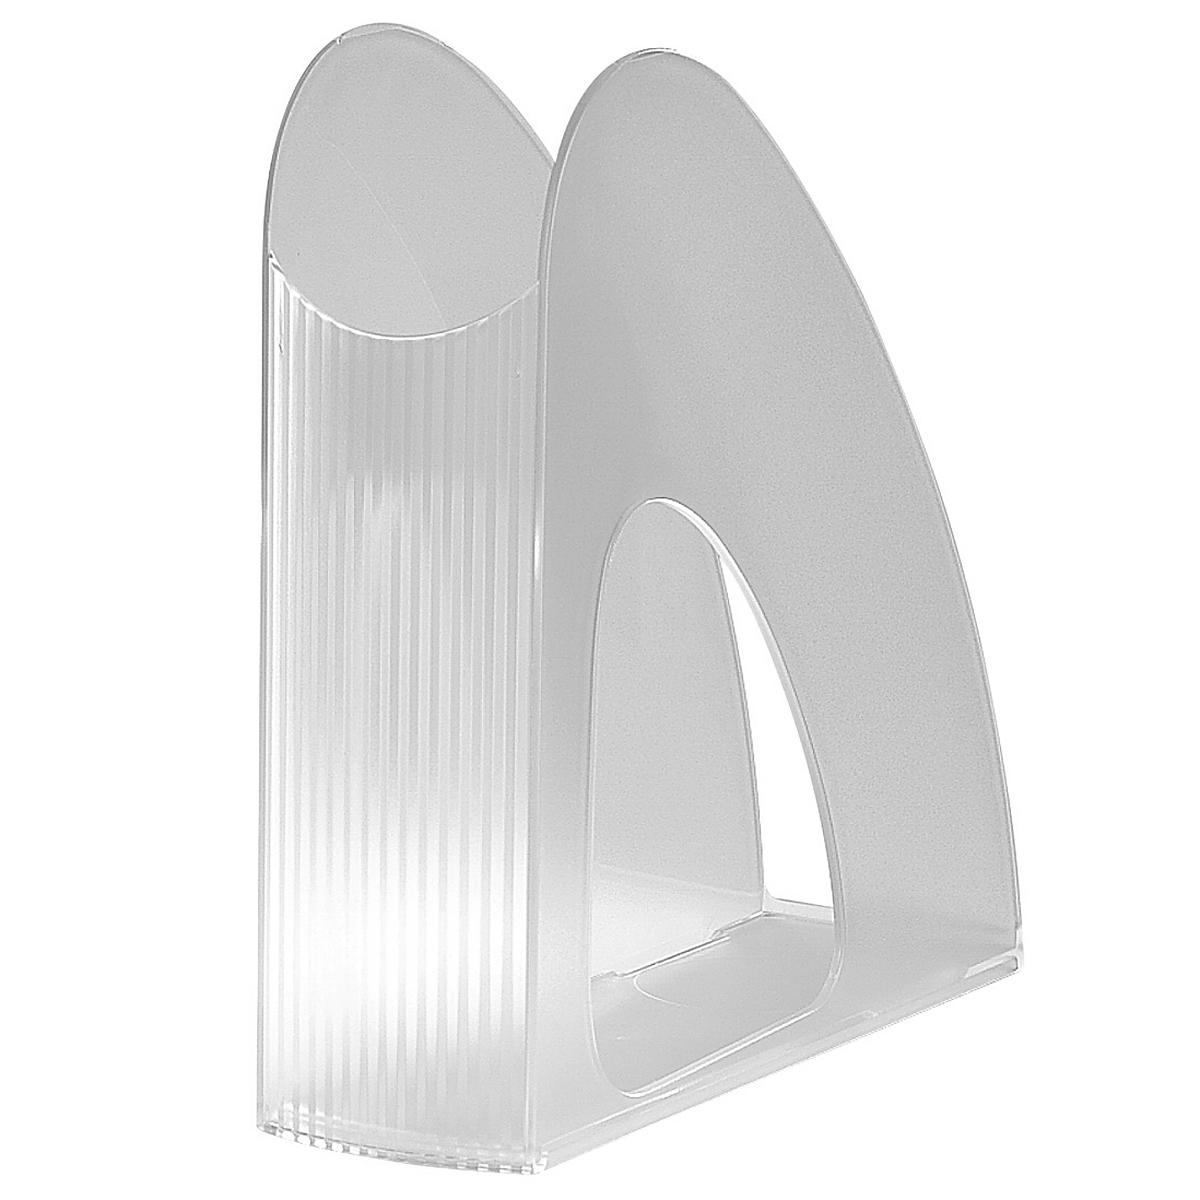 Лоток для бумаг вертикальный HAN Twin, прозрачный, цвет: белыйHA1611/23Вертикальный лоток для бумаг HAN Twin с оригинальным дизайном корпуса поможет вам навести порядок на столе и сэкономить пространство. Лоток изготовлен из высококачественного антистатического прозрачного пластика. Низкий передний порог облегчает изъятие документов из накопителя. Благодаря лотку для бумаг, важные бумаги и документы всегда будут под рукой.